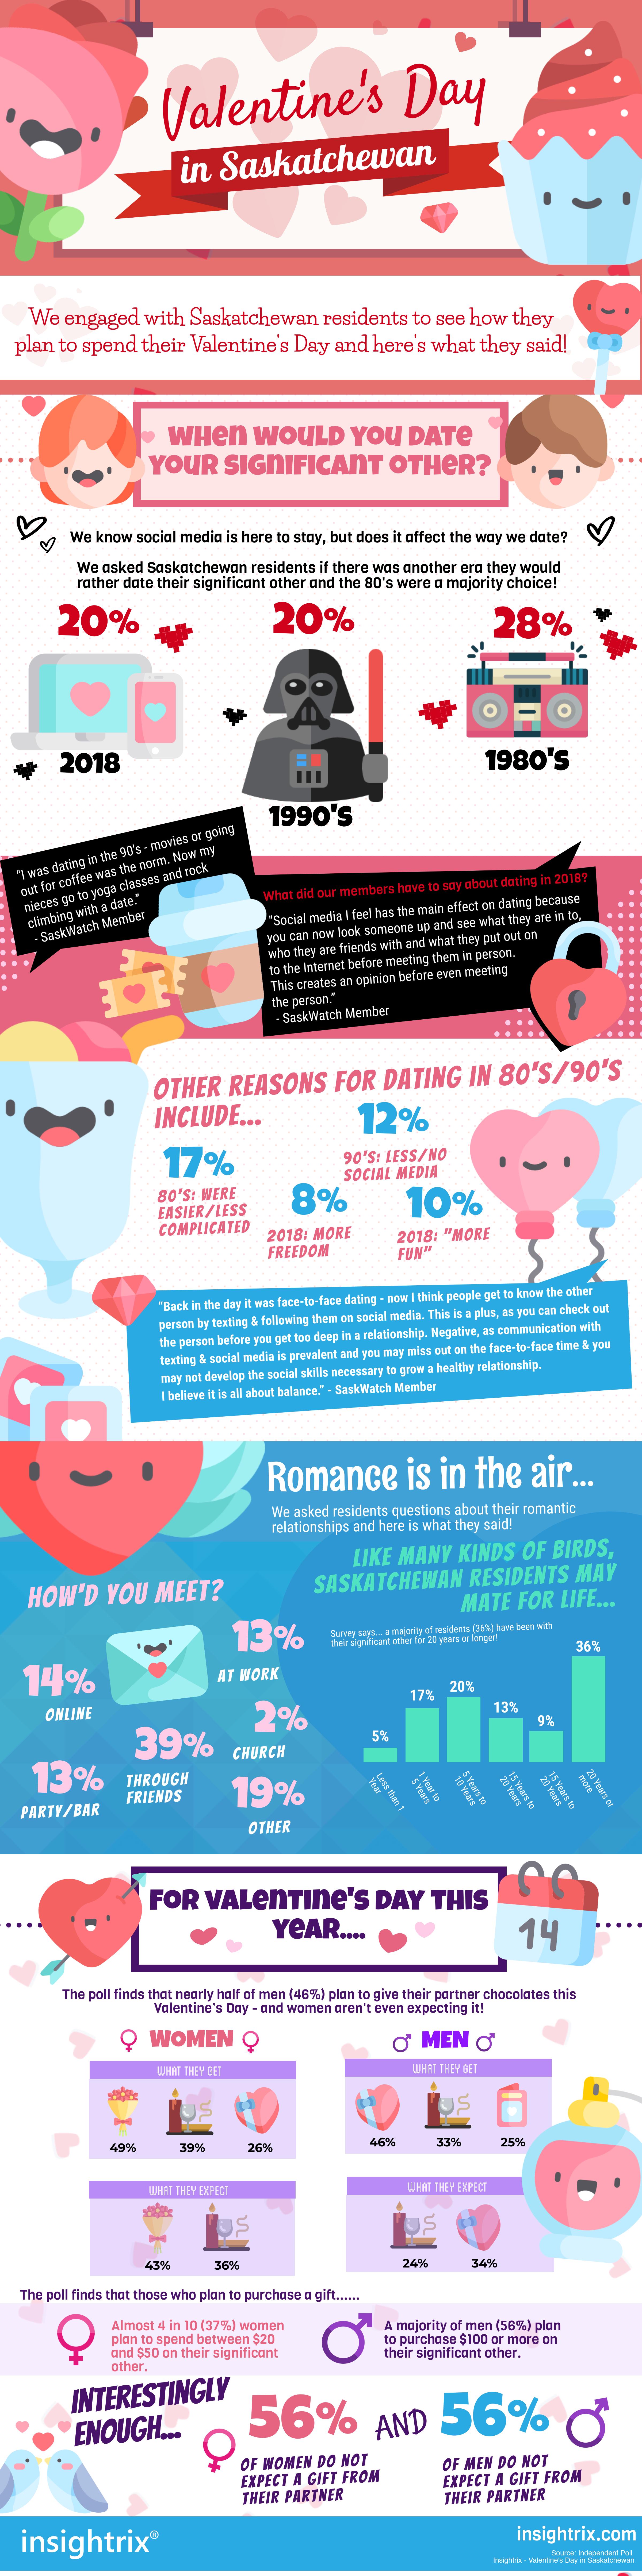 Valentine's-Day-in-Saskatchewan, Insightrix-Research, Insightrix, SaskWatch-Research